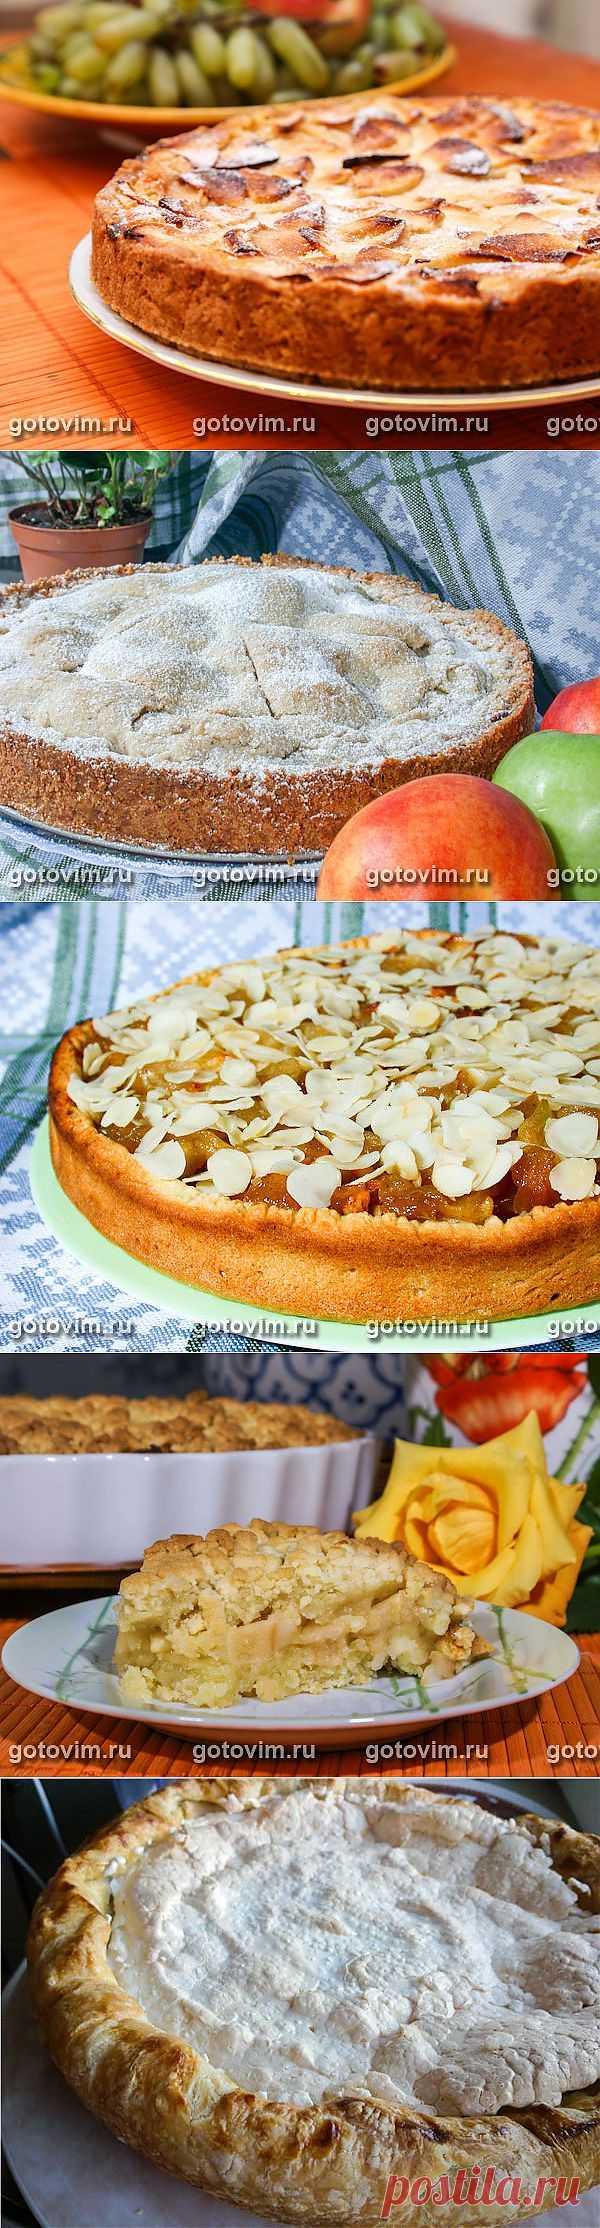 5 рецептов яблочных пирогов / Готовим.РУ